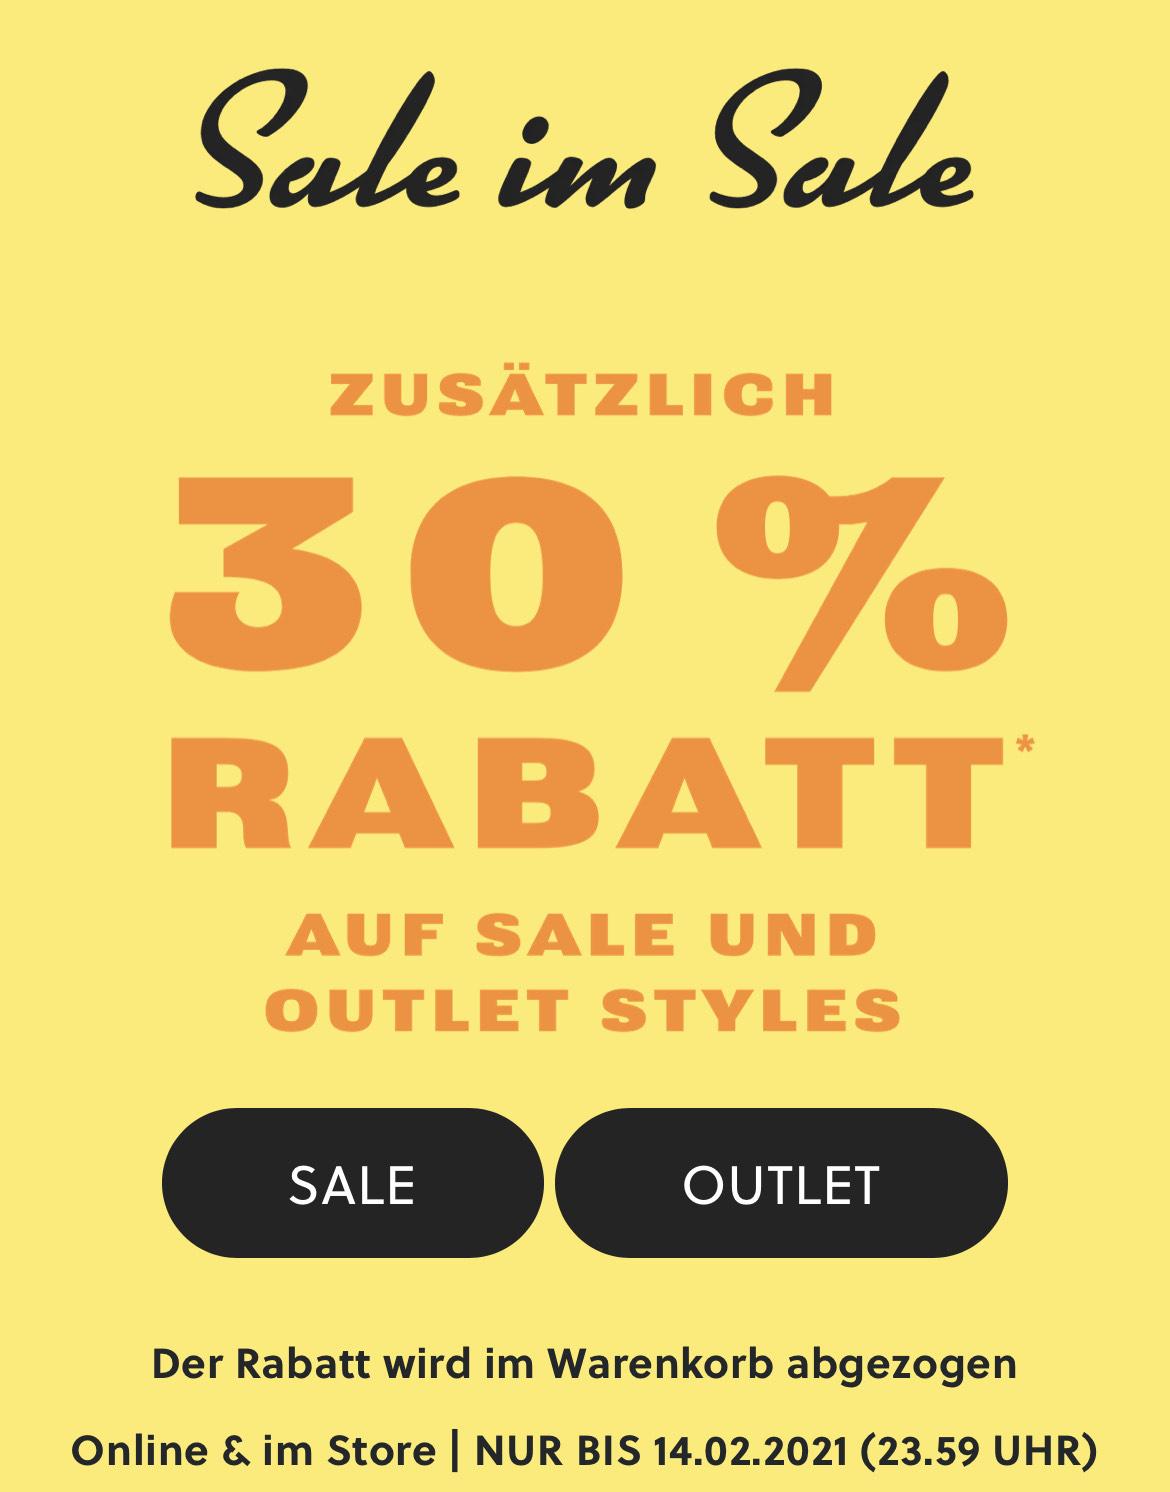 Fossil: 30% Rabatt zusätzlich auf Sale & Outlet, z.B. Gen 5 Smartwatch Garrett HR Silikon Schwarz